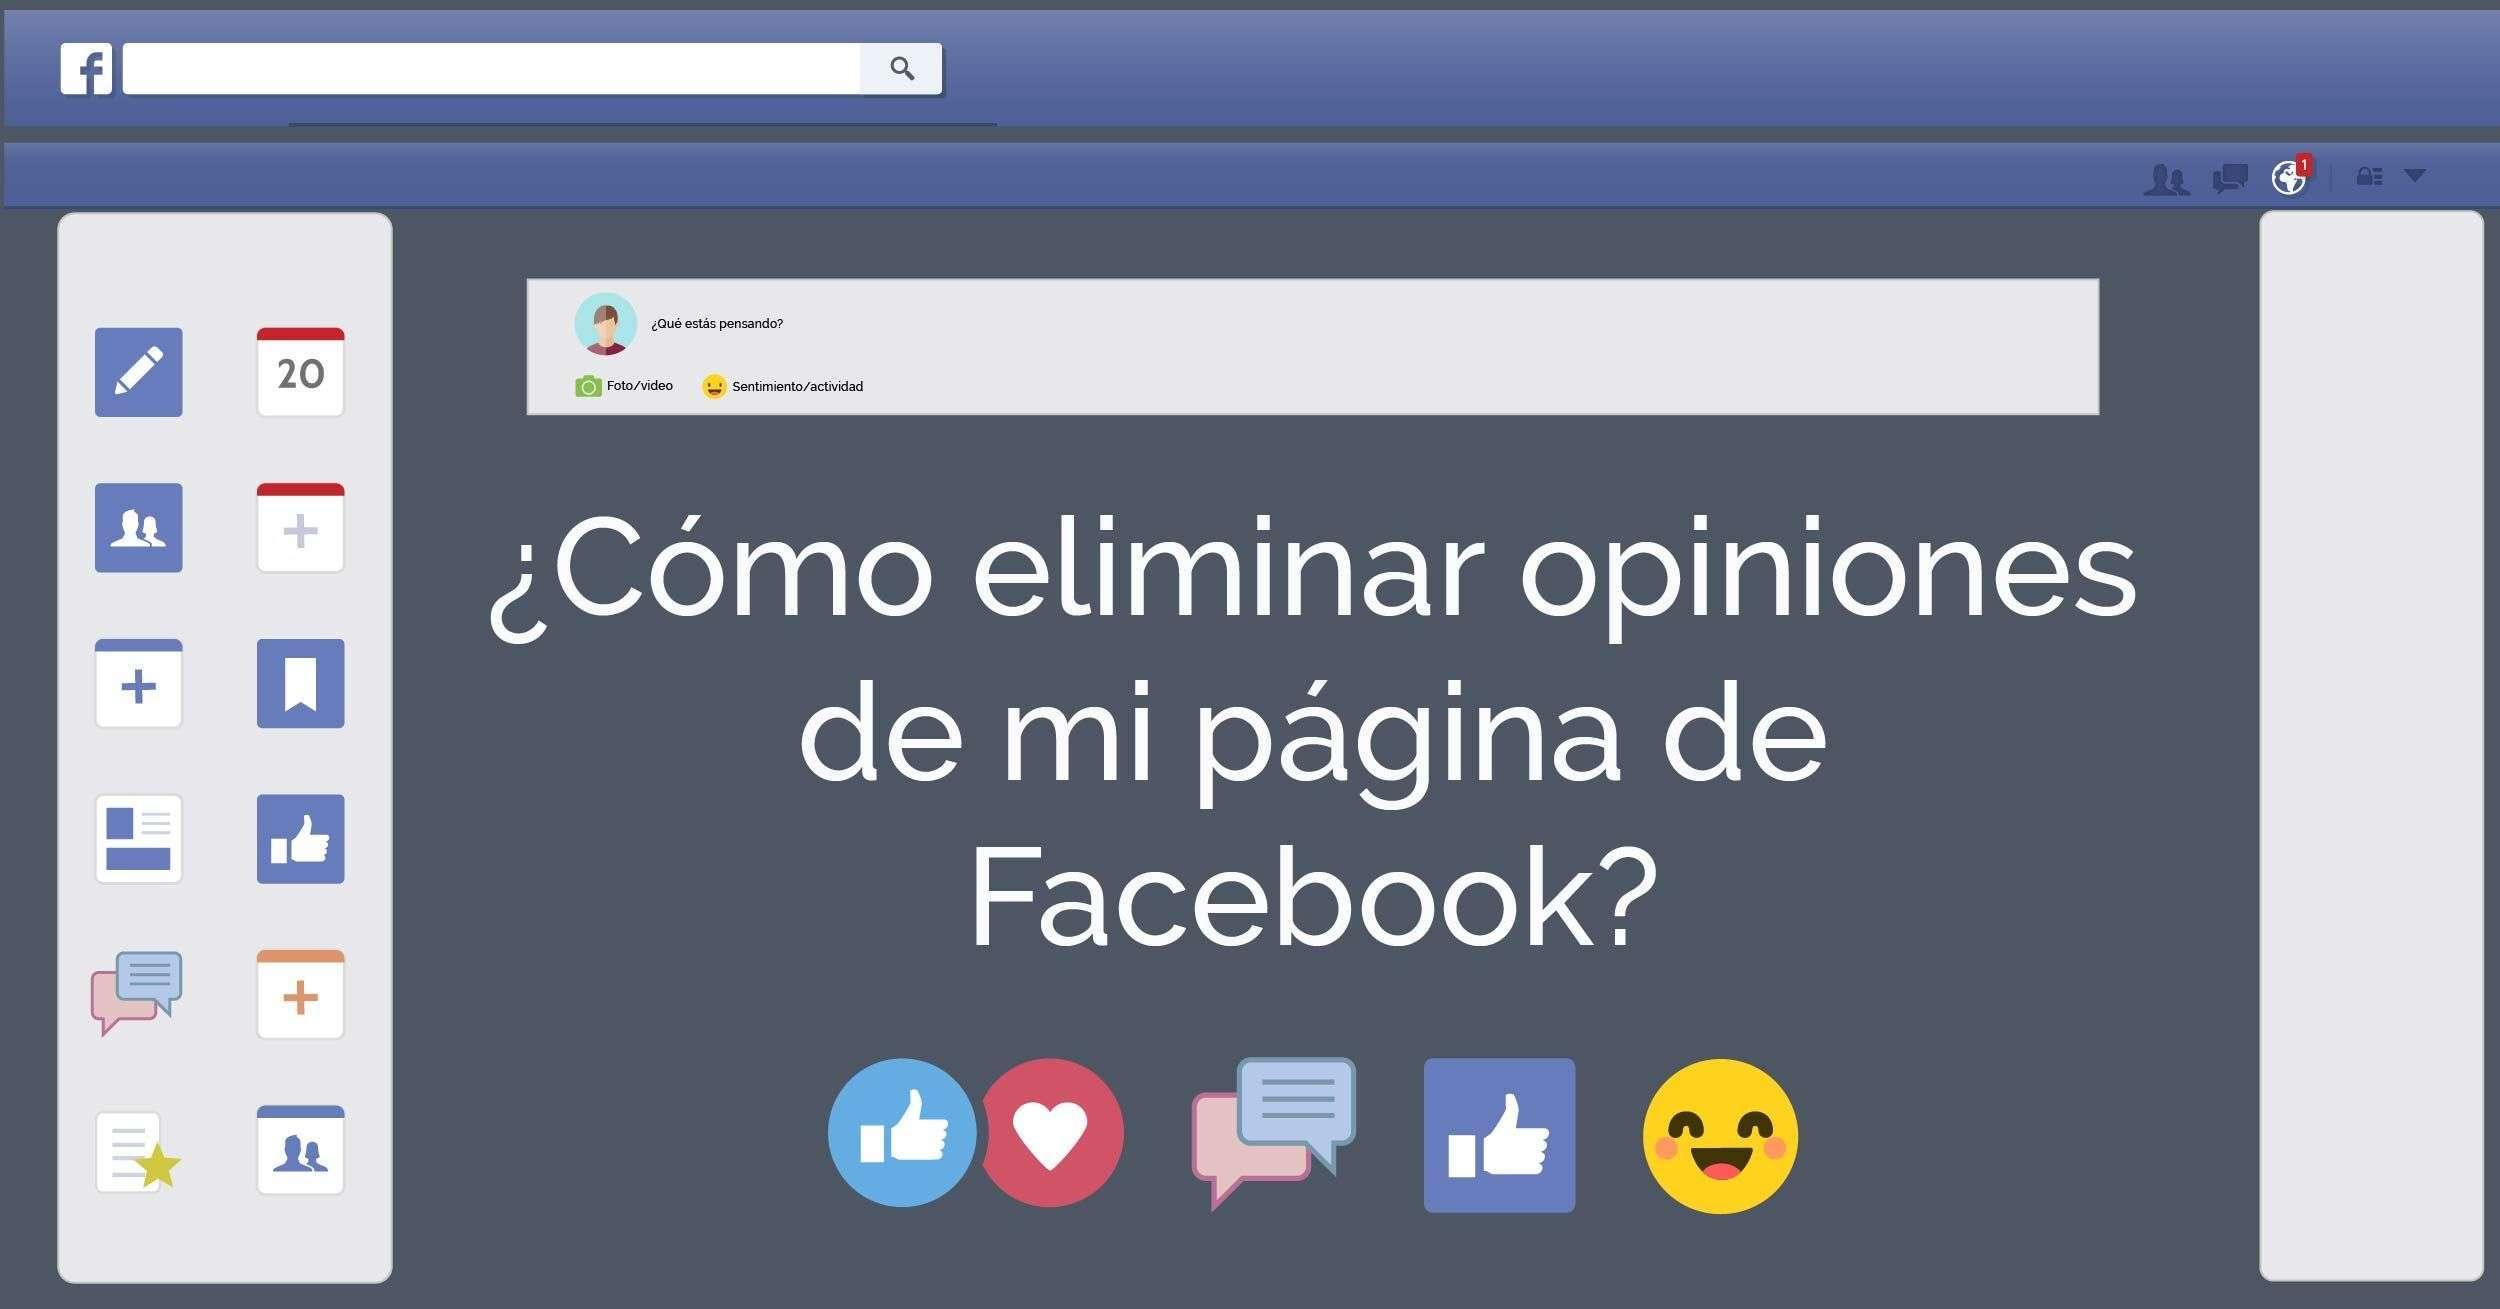 Eliminar opiniones Facebook